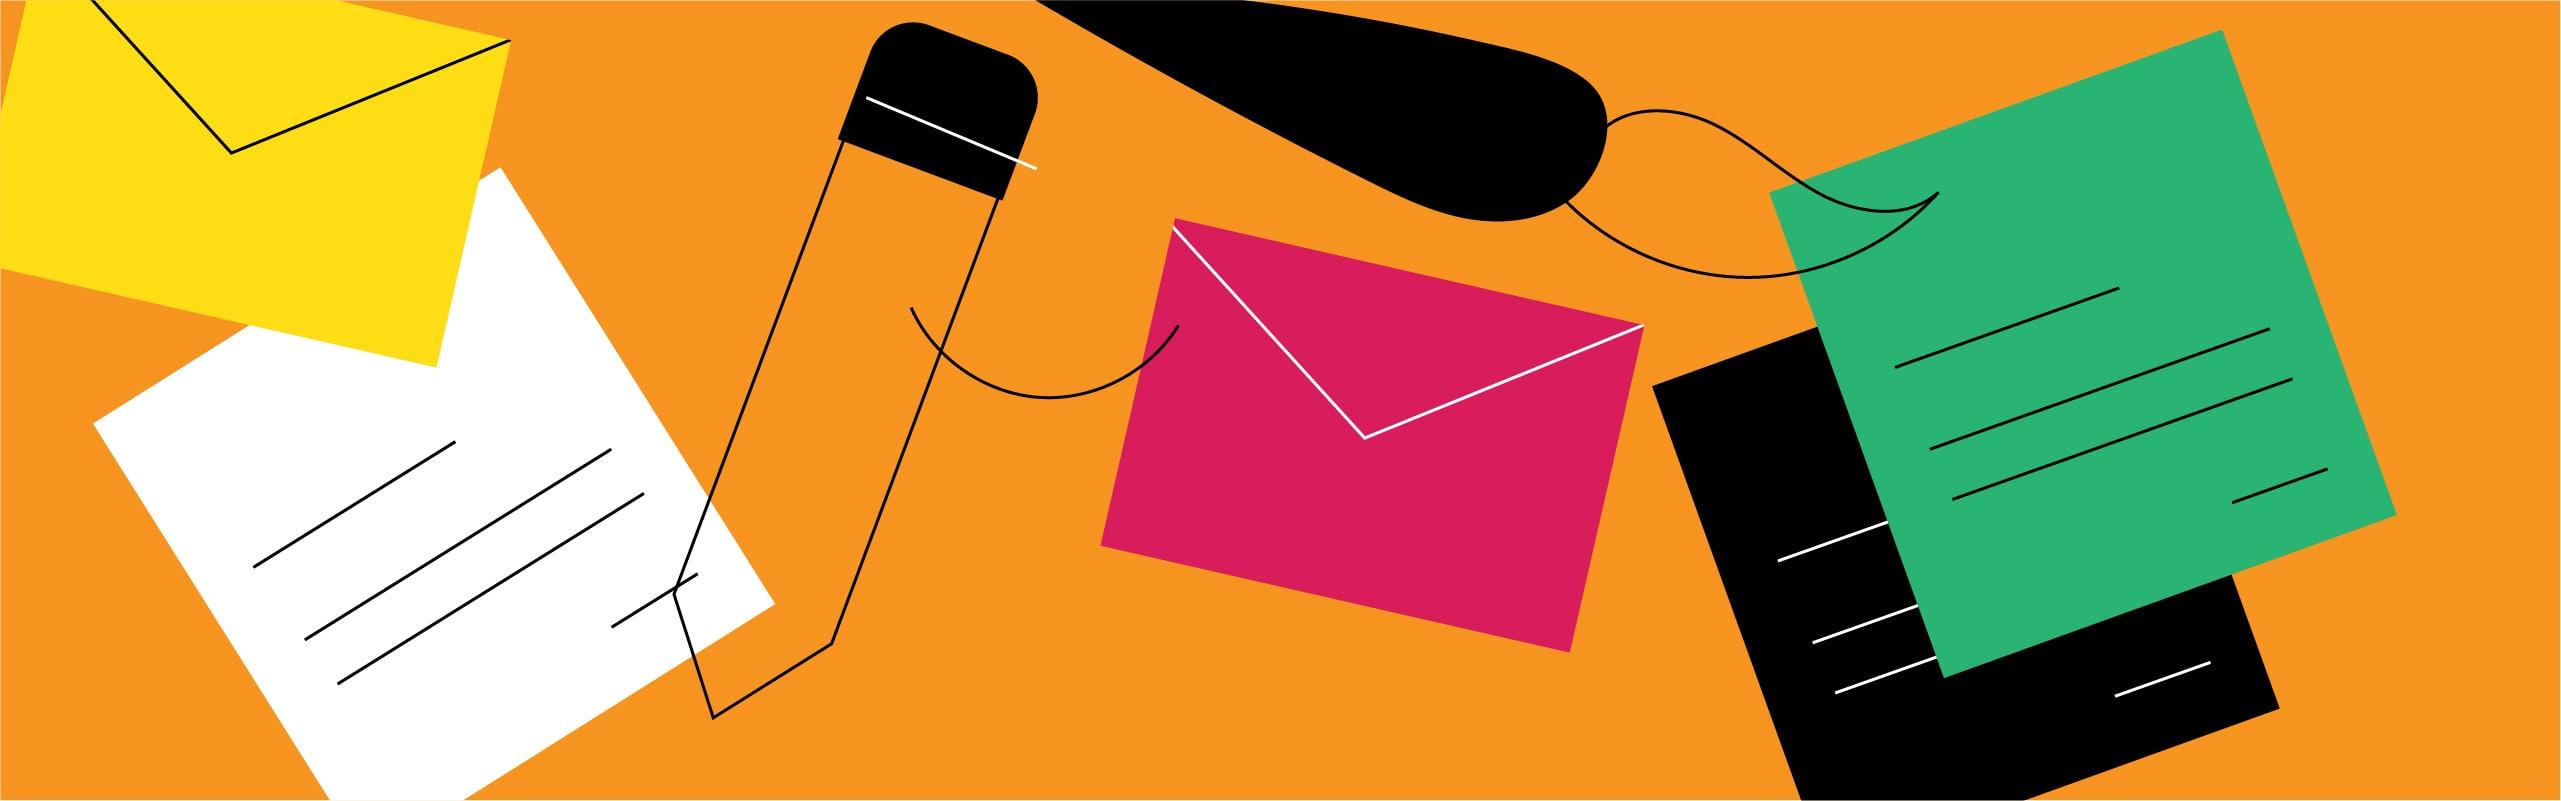 7416c146803b8 تصميم البريد الإلكتروني - دليل التسويق عبر البريد الإلكتروني - بيانات